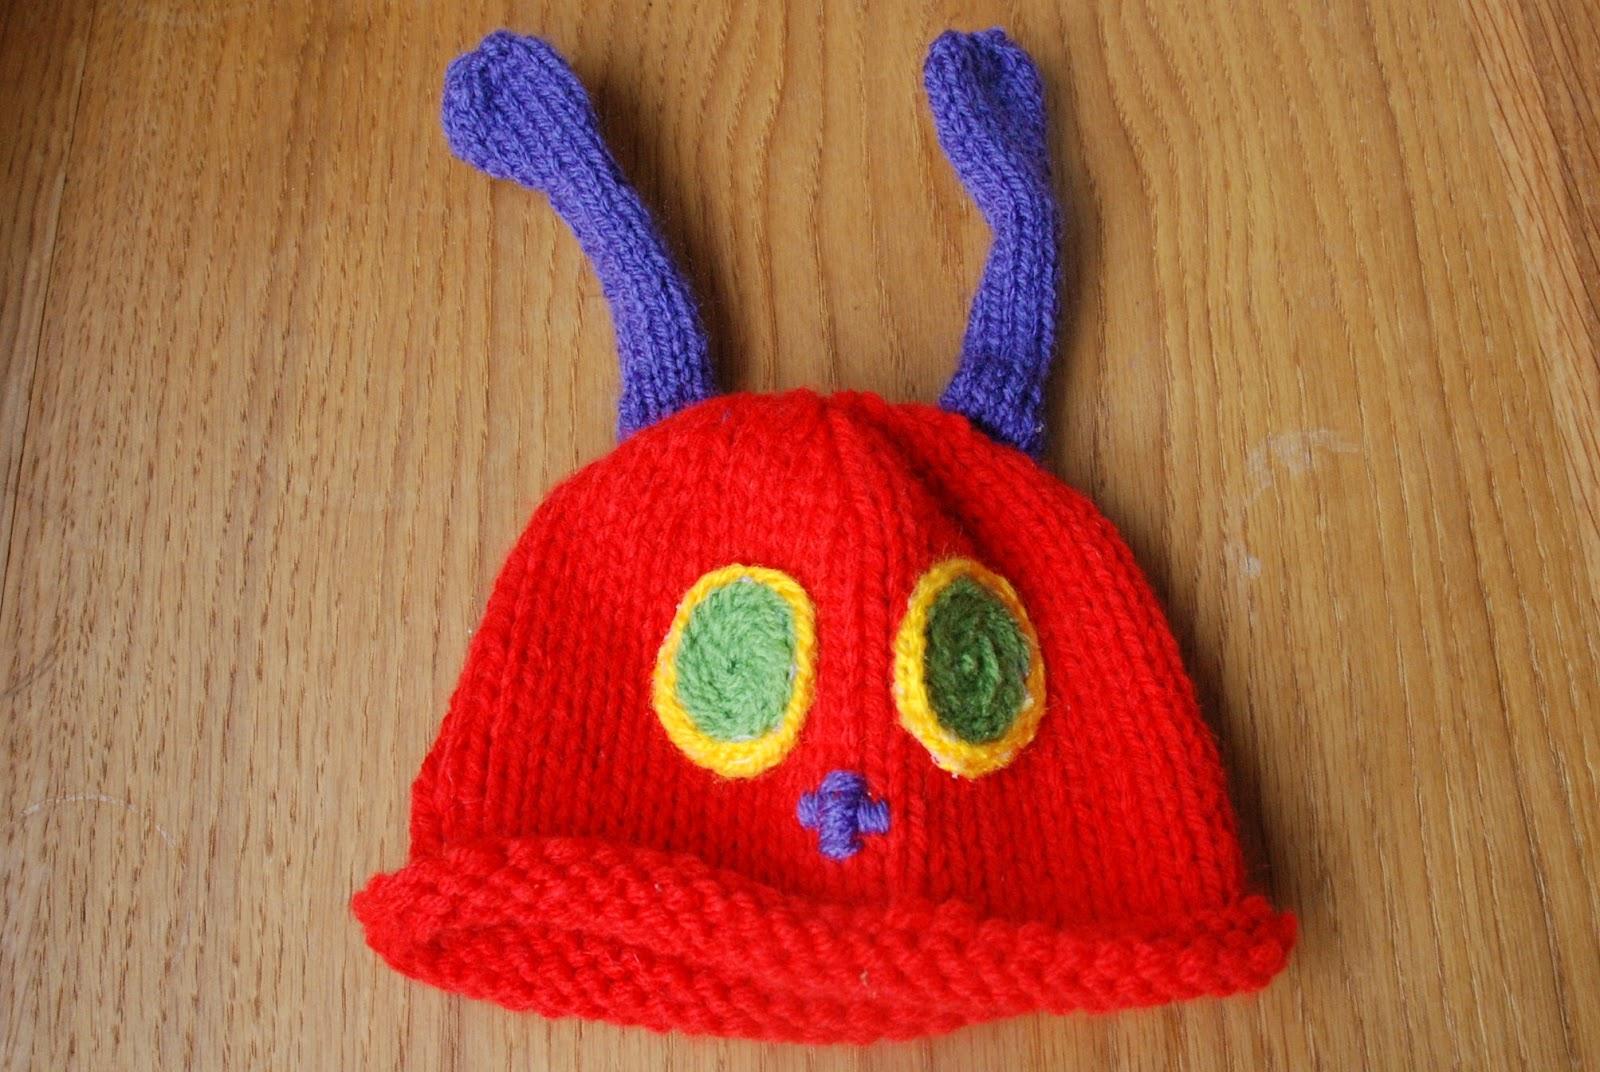 Knitting Pattern Very Hungry Caterpillar : My Name is Purl: The Very Hungry Caterpillar cocoon